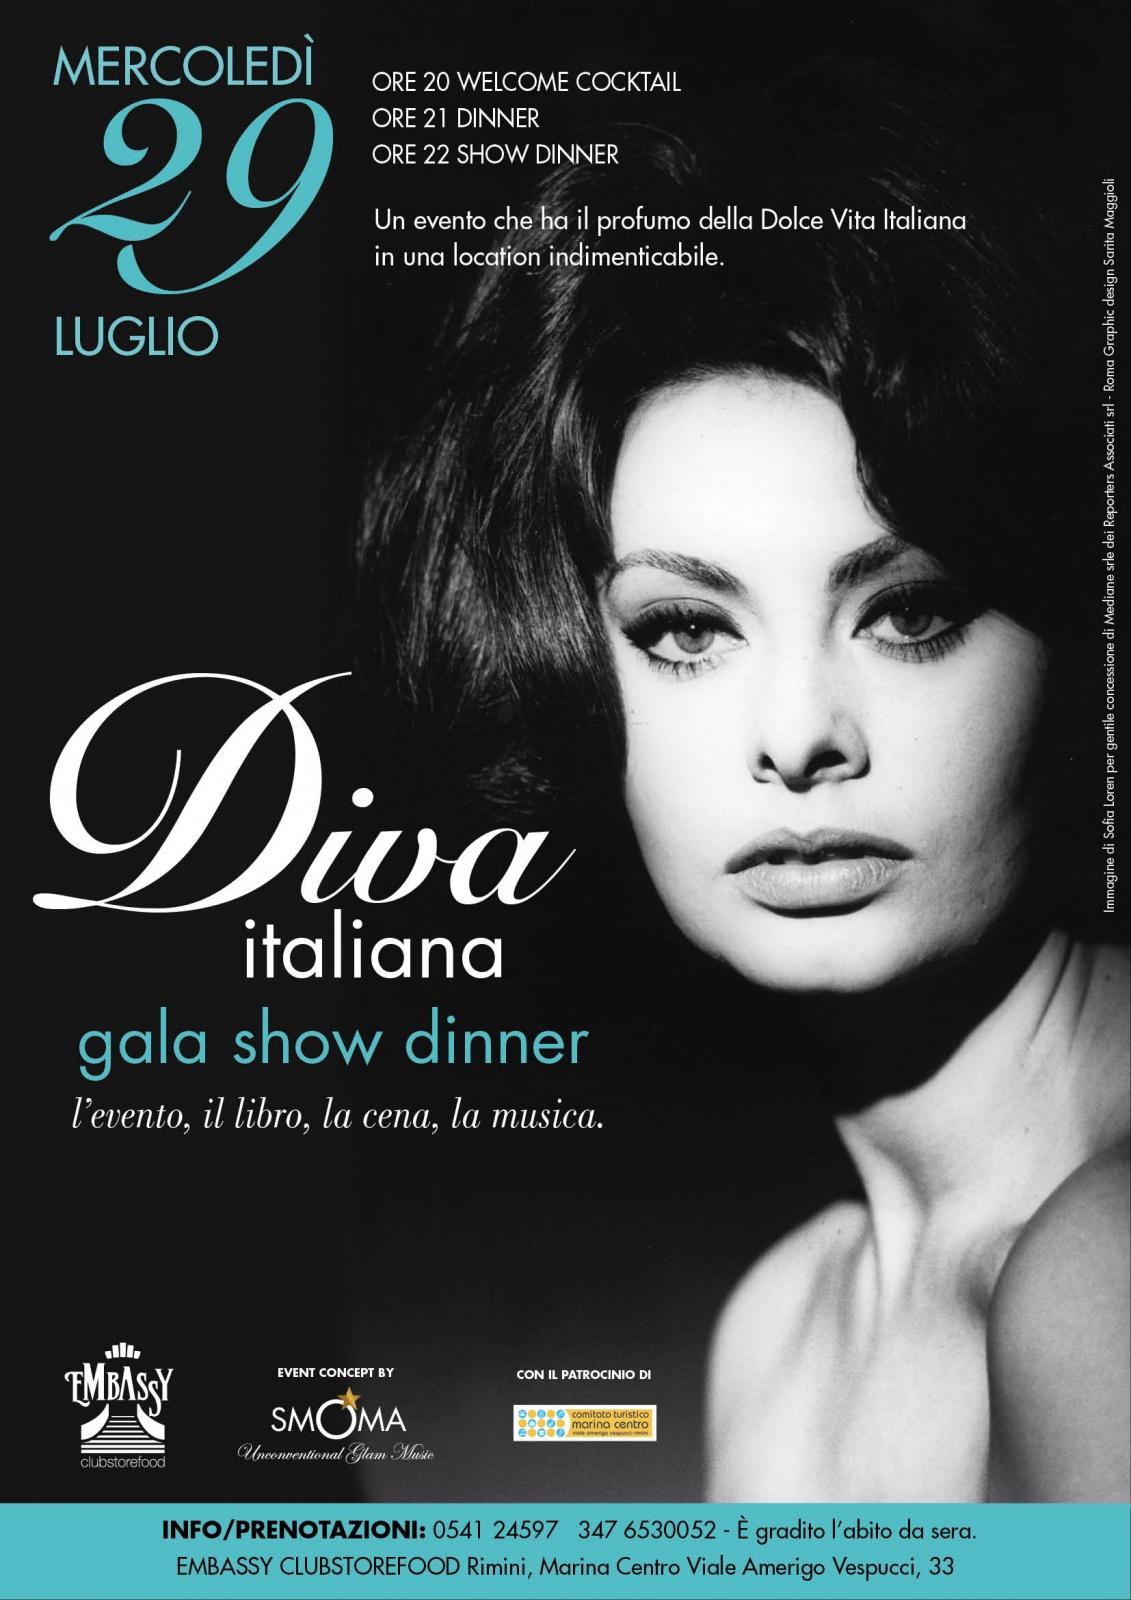 Una diva italiana a las vegas spompina in pubblico la cittadinanza italiana yahoo dating - Porno diva italiana ...